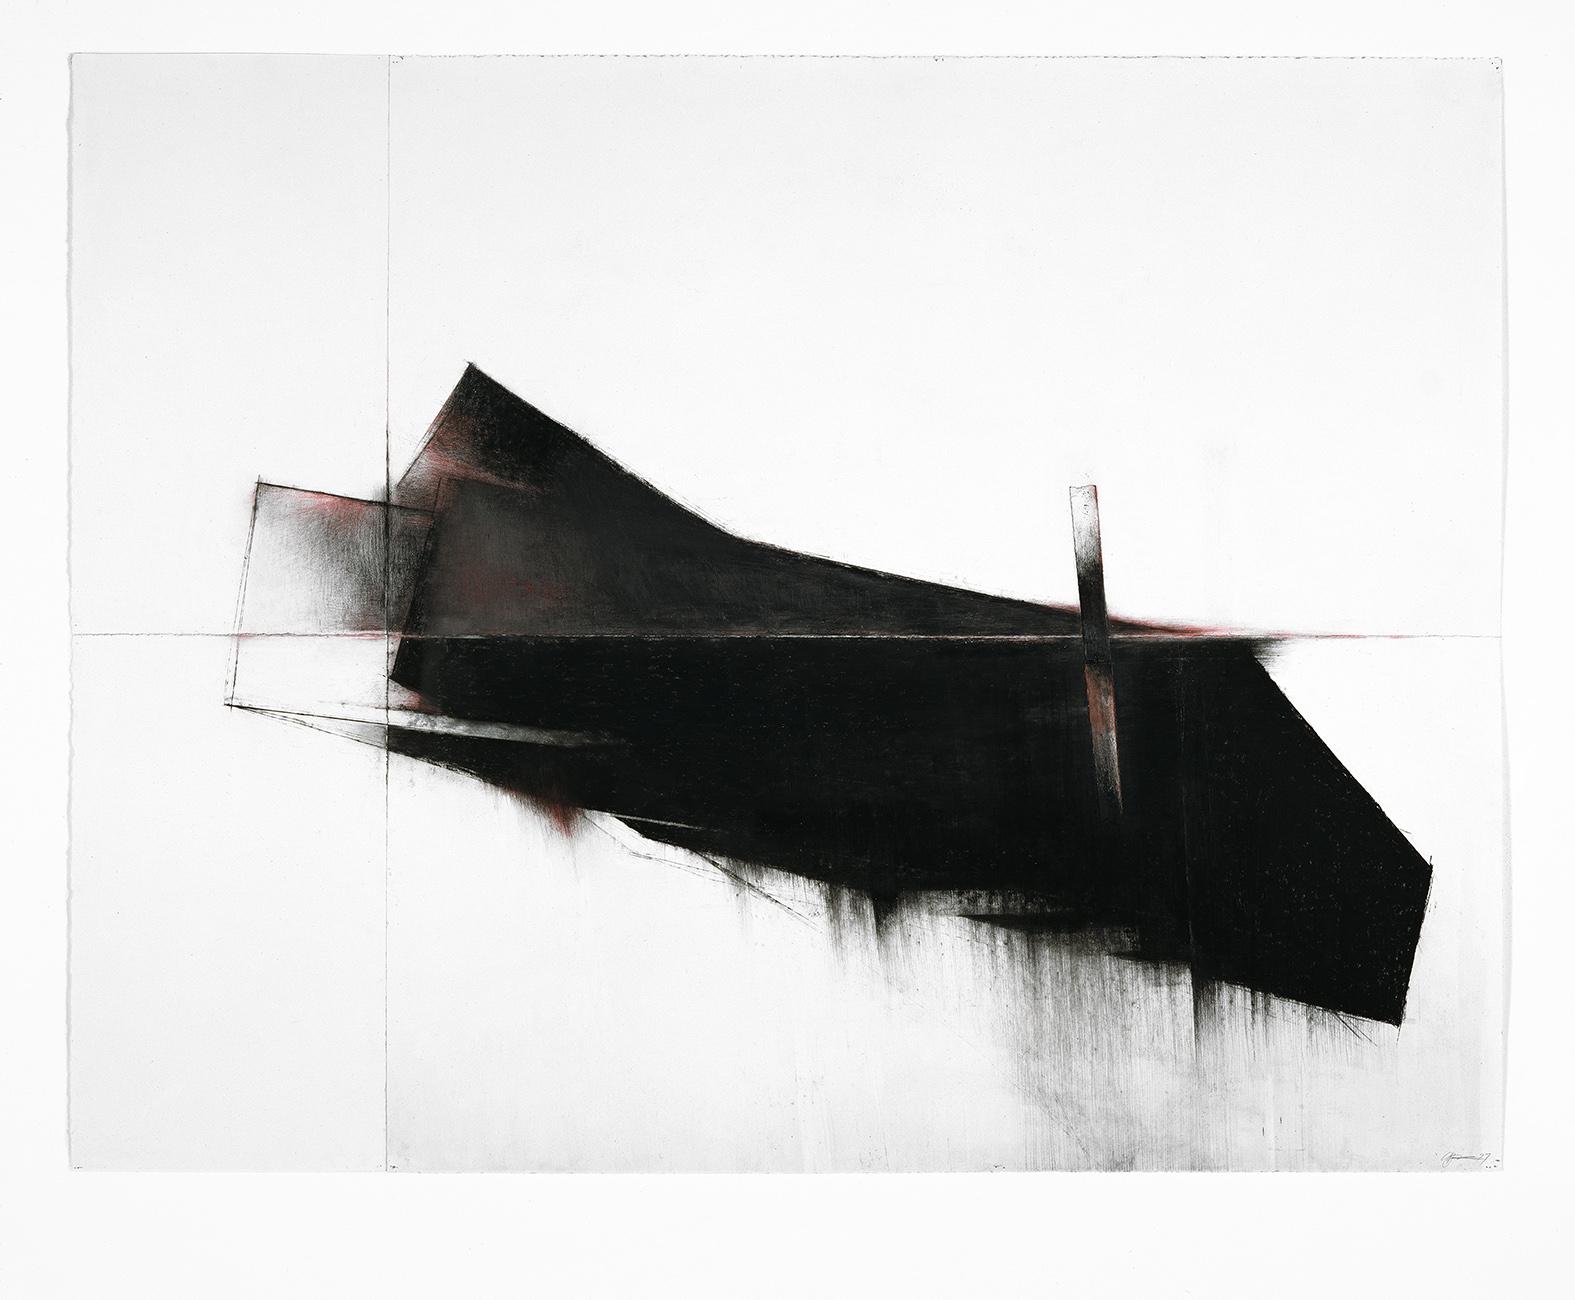 Seuils III  (1997)   Techniques mixes et papier collé sur papier Stonehenge, 126.6 x 211 cm, collection privée. photo : Richard-Max Tremblay